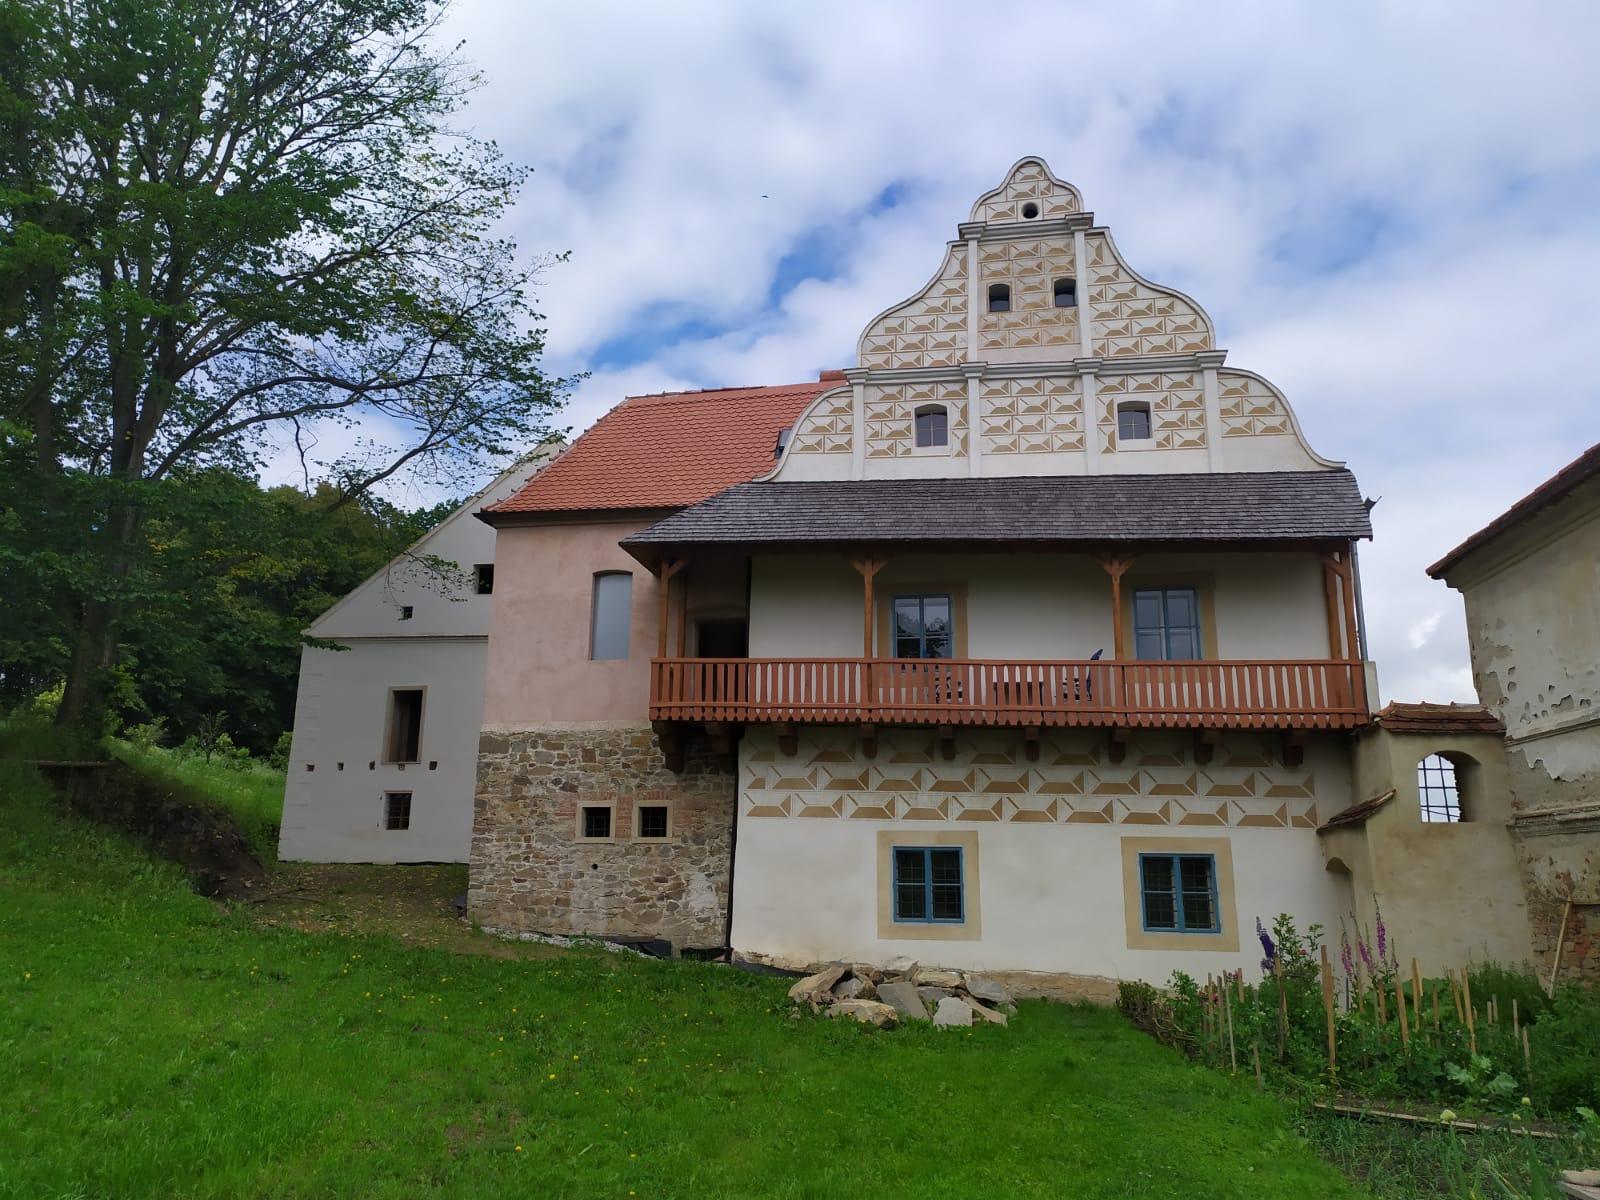 Maison forte datant du XVe siècle